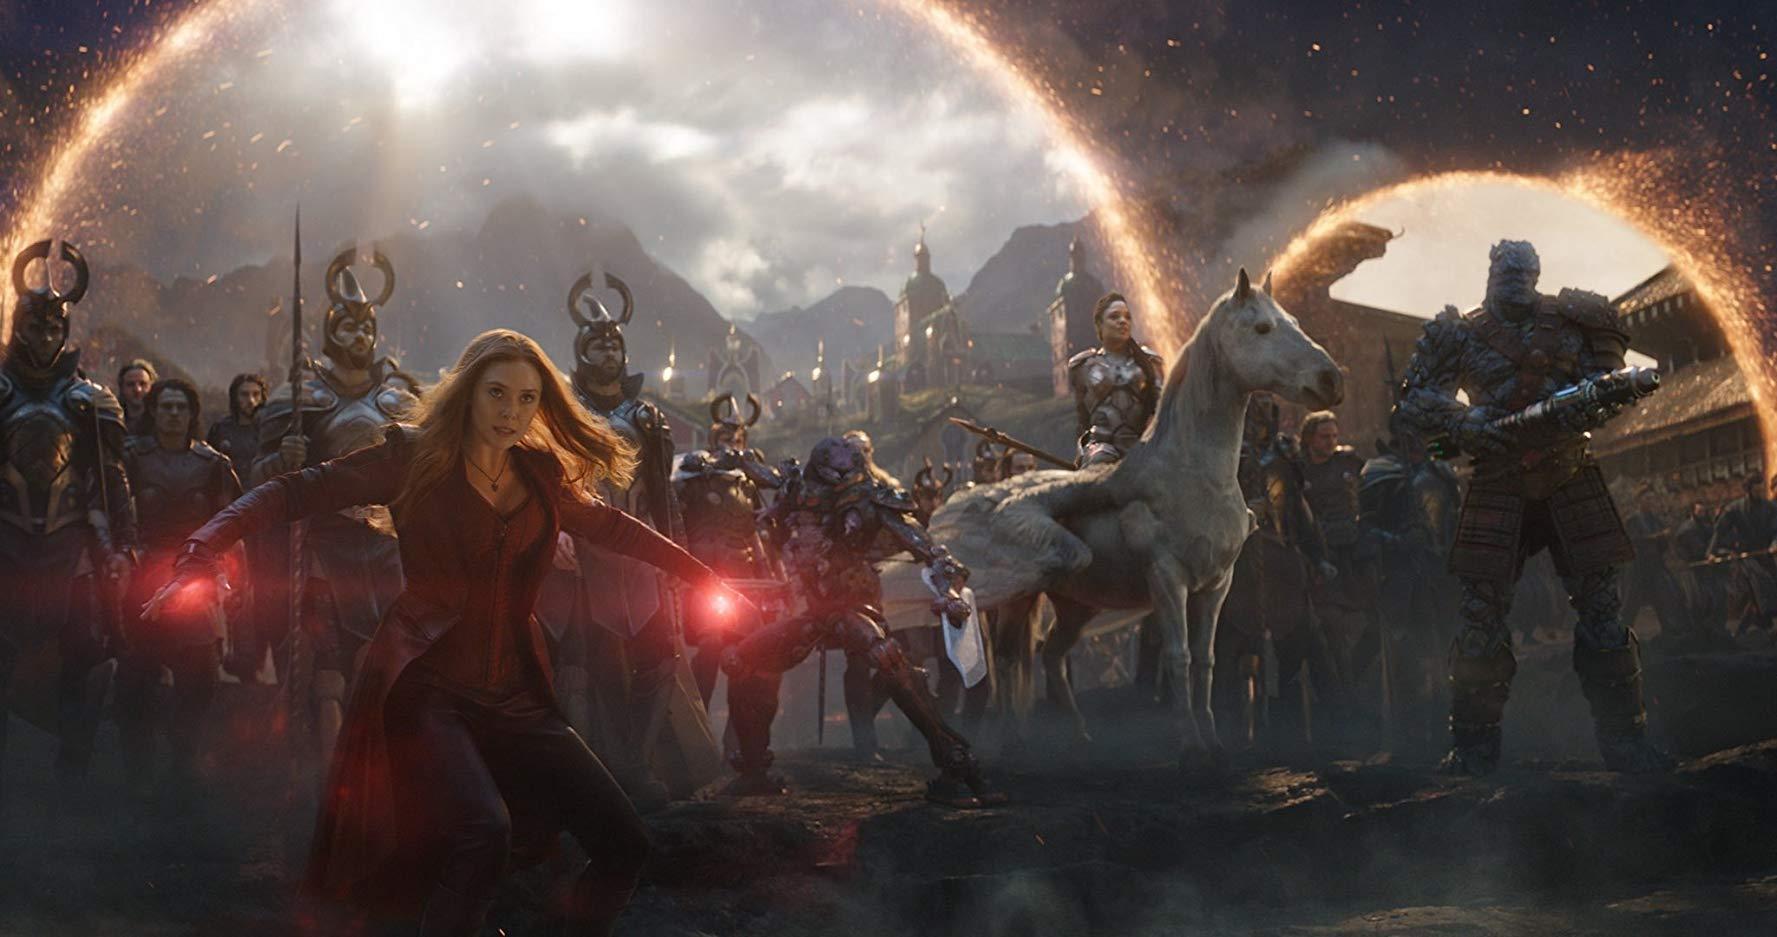 Vingadores: Ultimato (Fonte: IMDb/Reprodução)